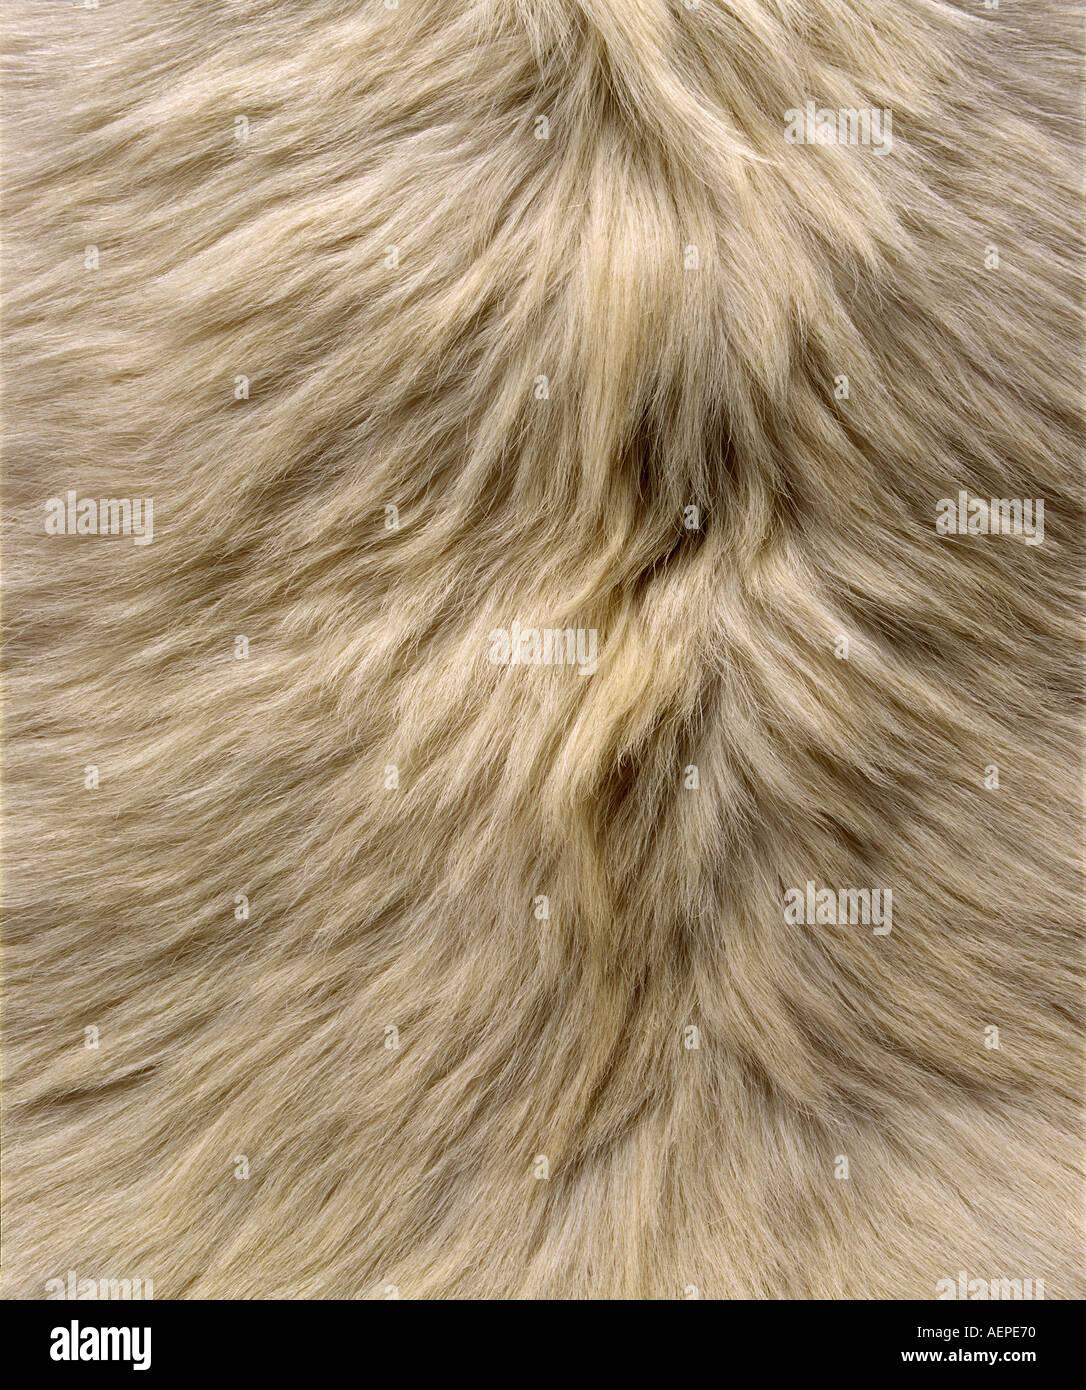 Bianco Naturale pelle di capra cinese Immagini Stock